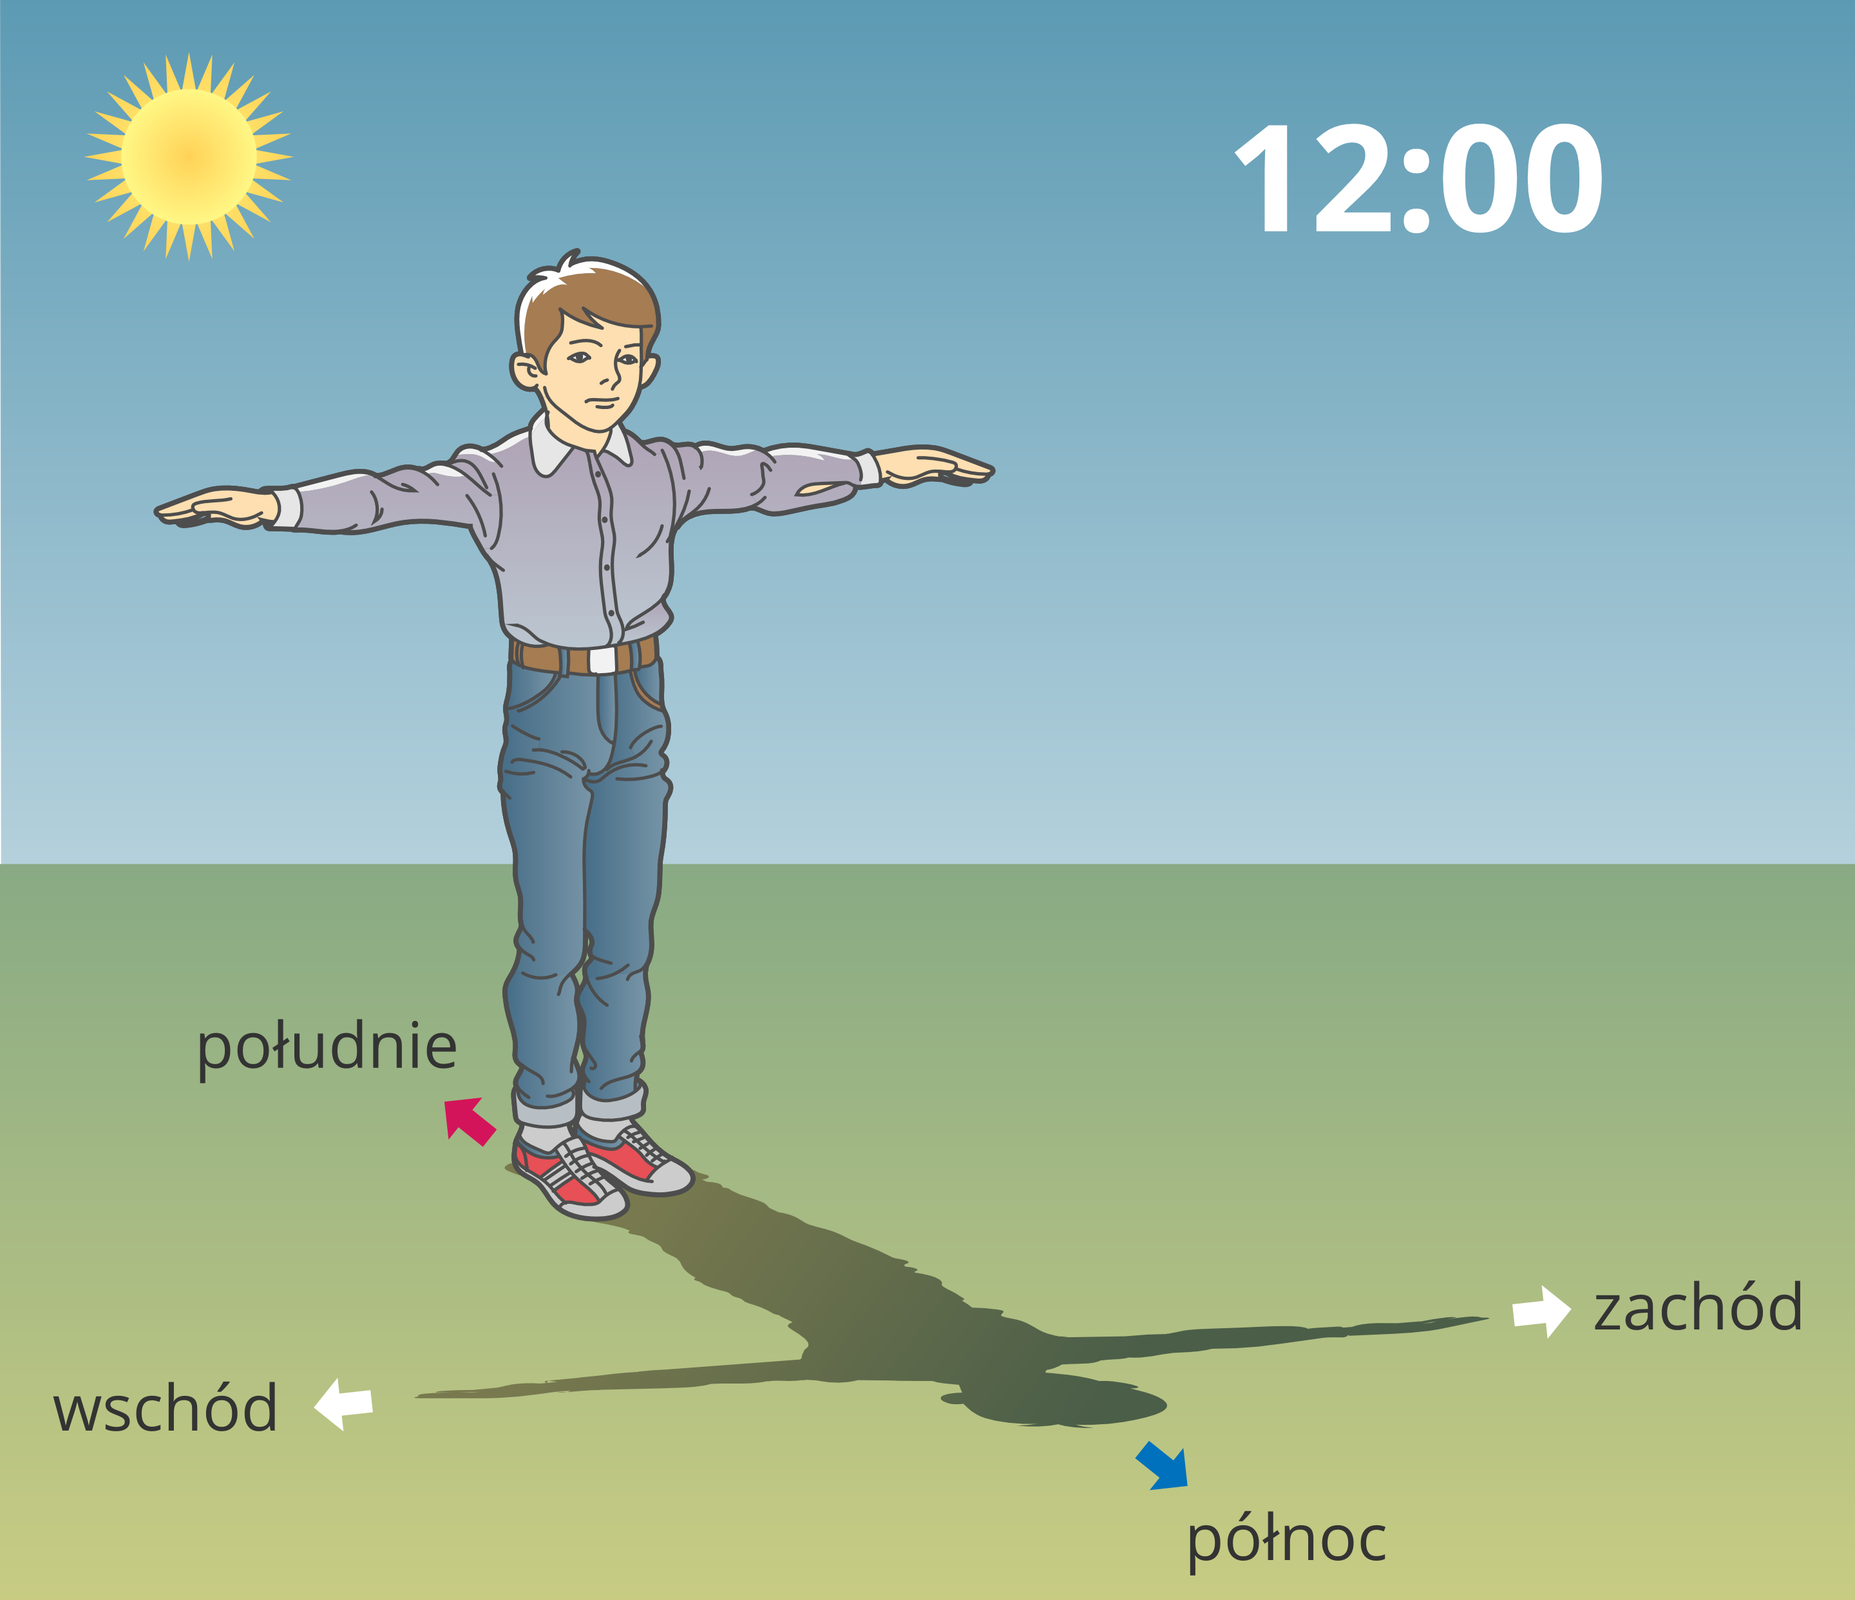 Ilustracja przedstawia chłopca stojącego tyłem do słońca zrękoma uniesionymi wbok. Cień jego sylwetki wpołudnie słoneczne wyznacza kierunki świata. Cień głowy wskazuje północ, po przeciwnej stronie jest południe. Cień lewej reki zachód aprawej - wschód.